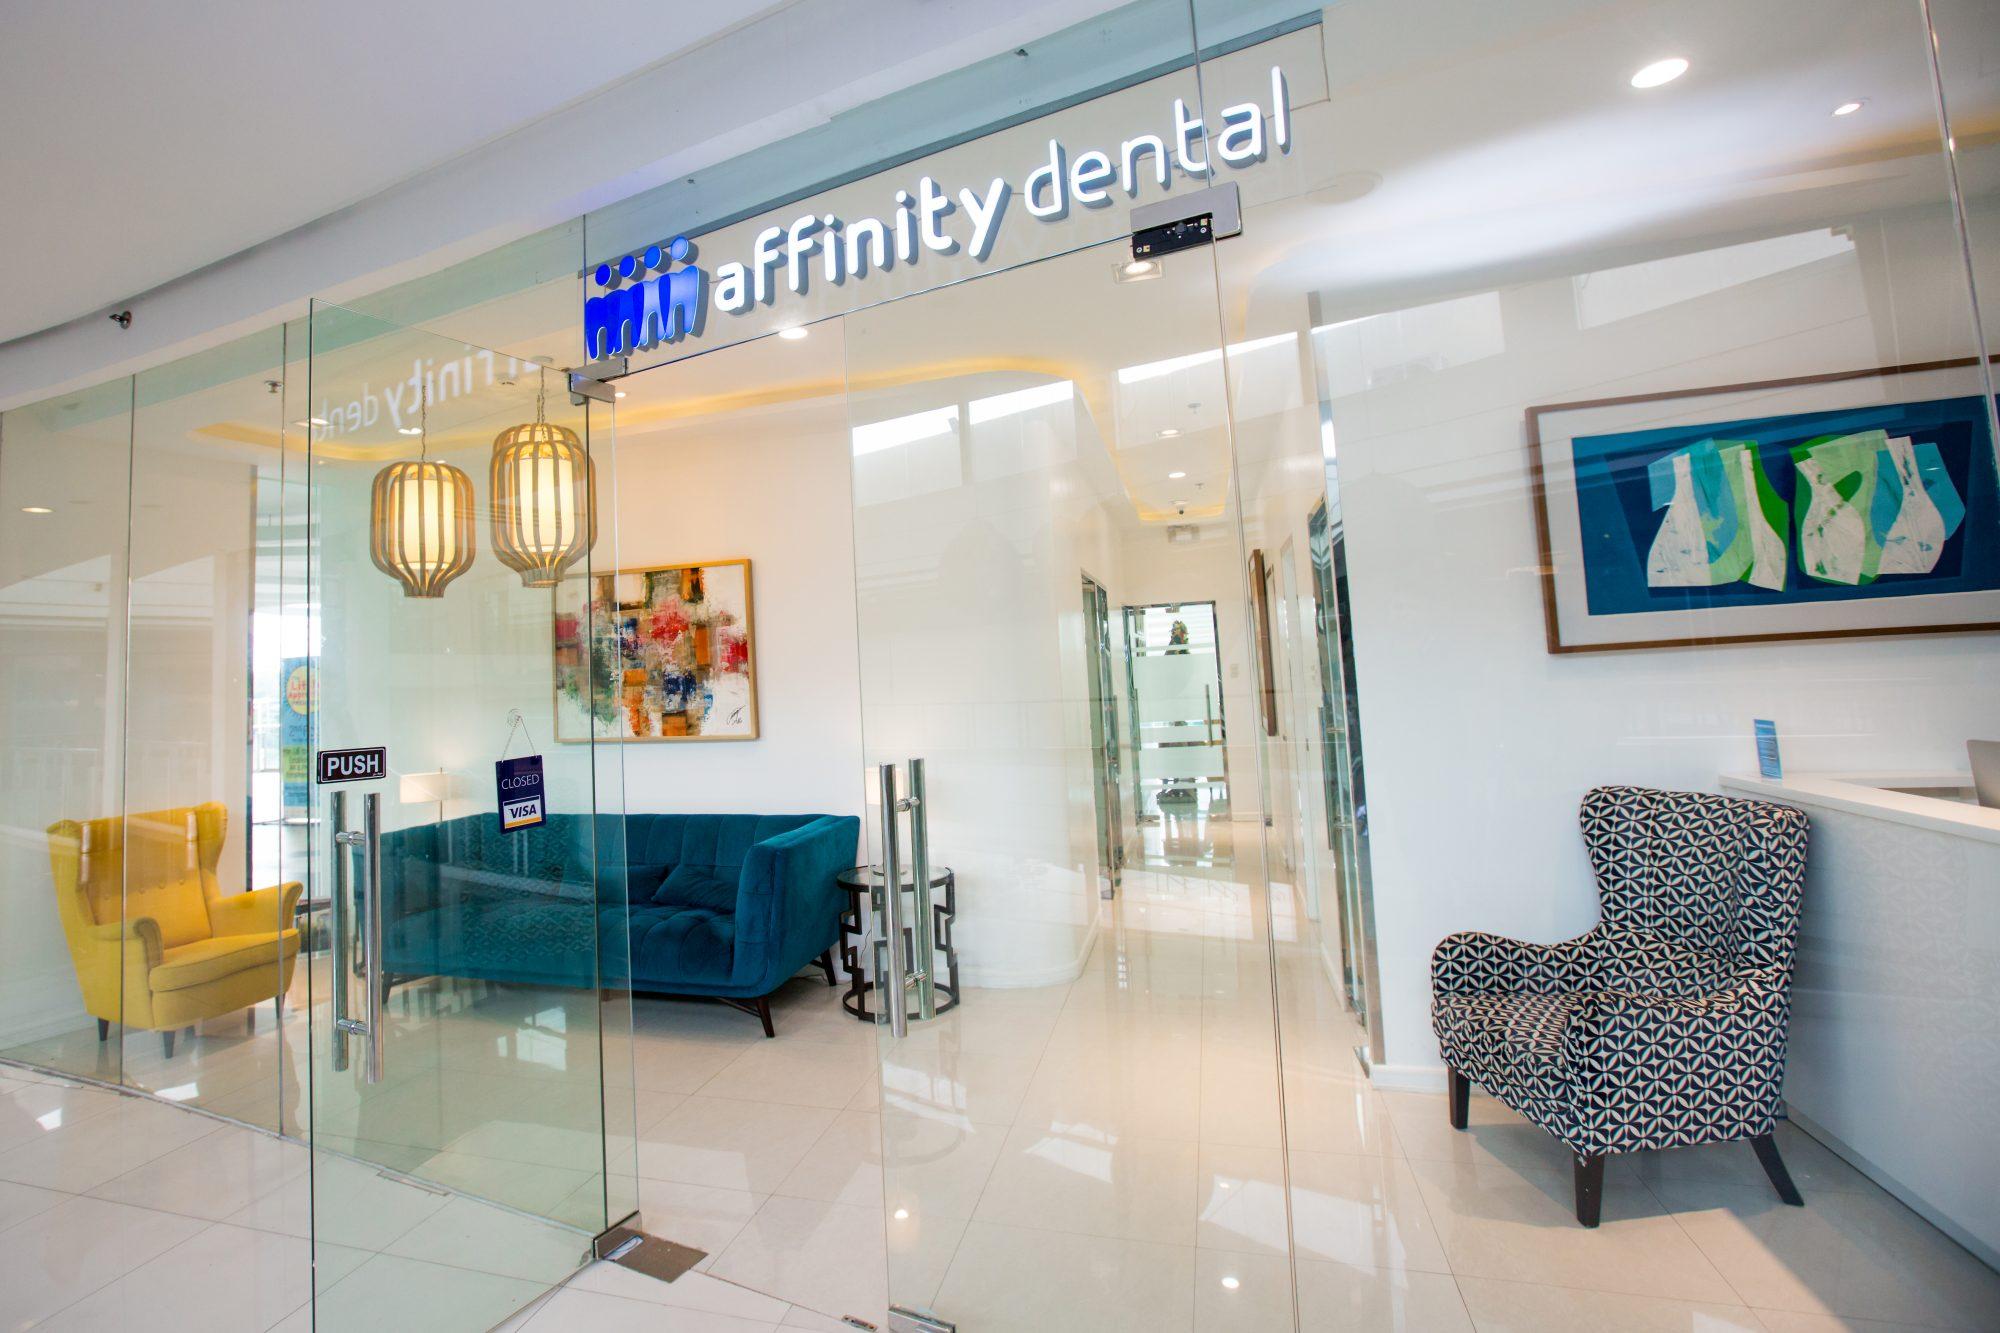 Affinity Dental Westgate Alabang